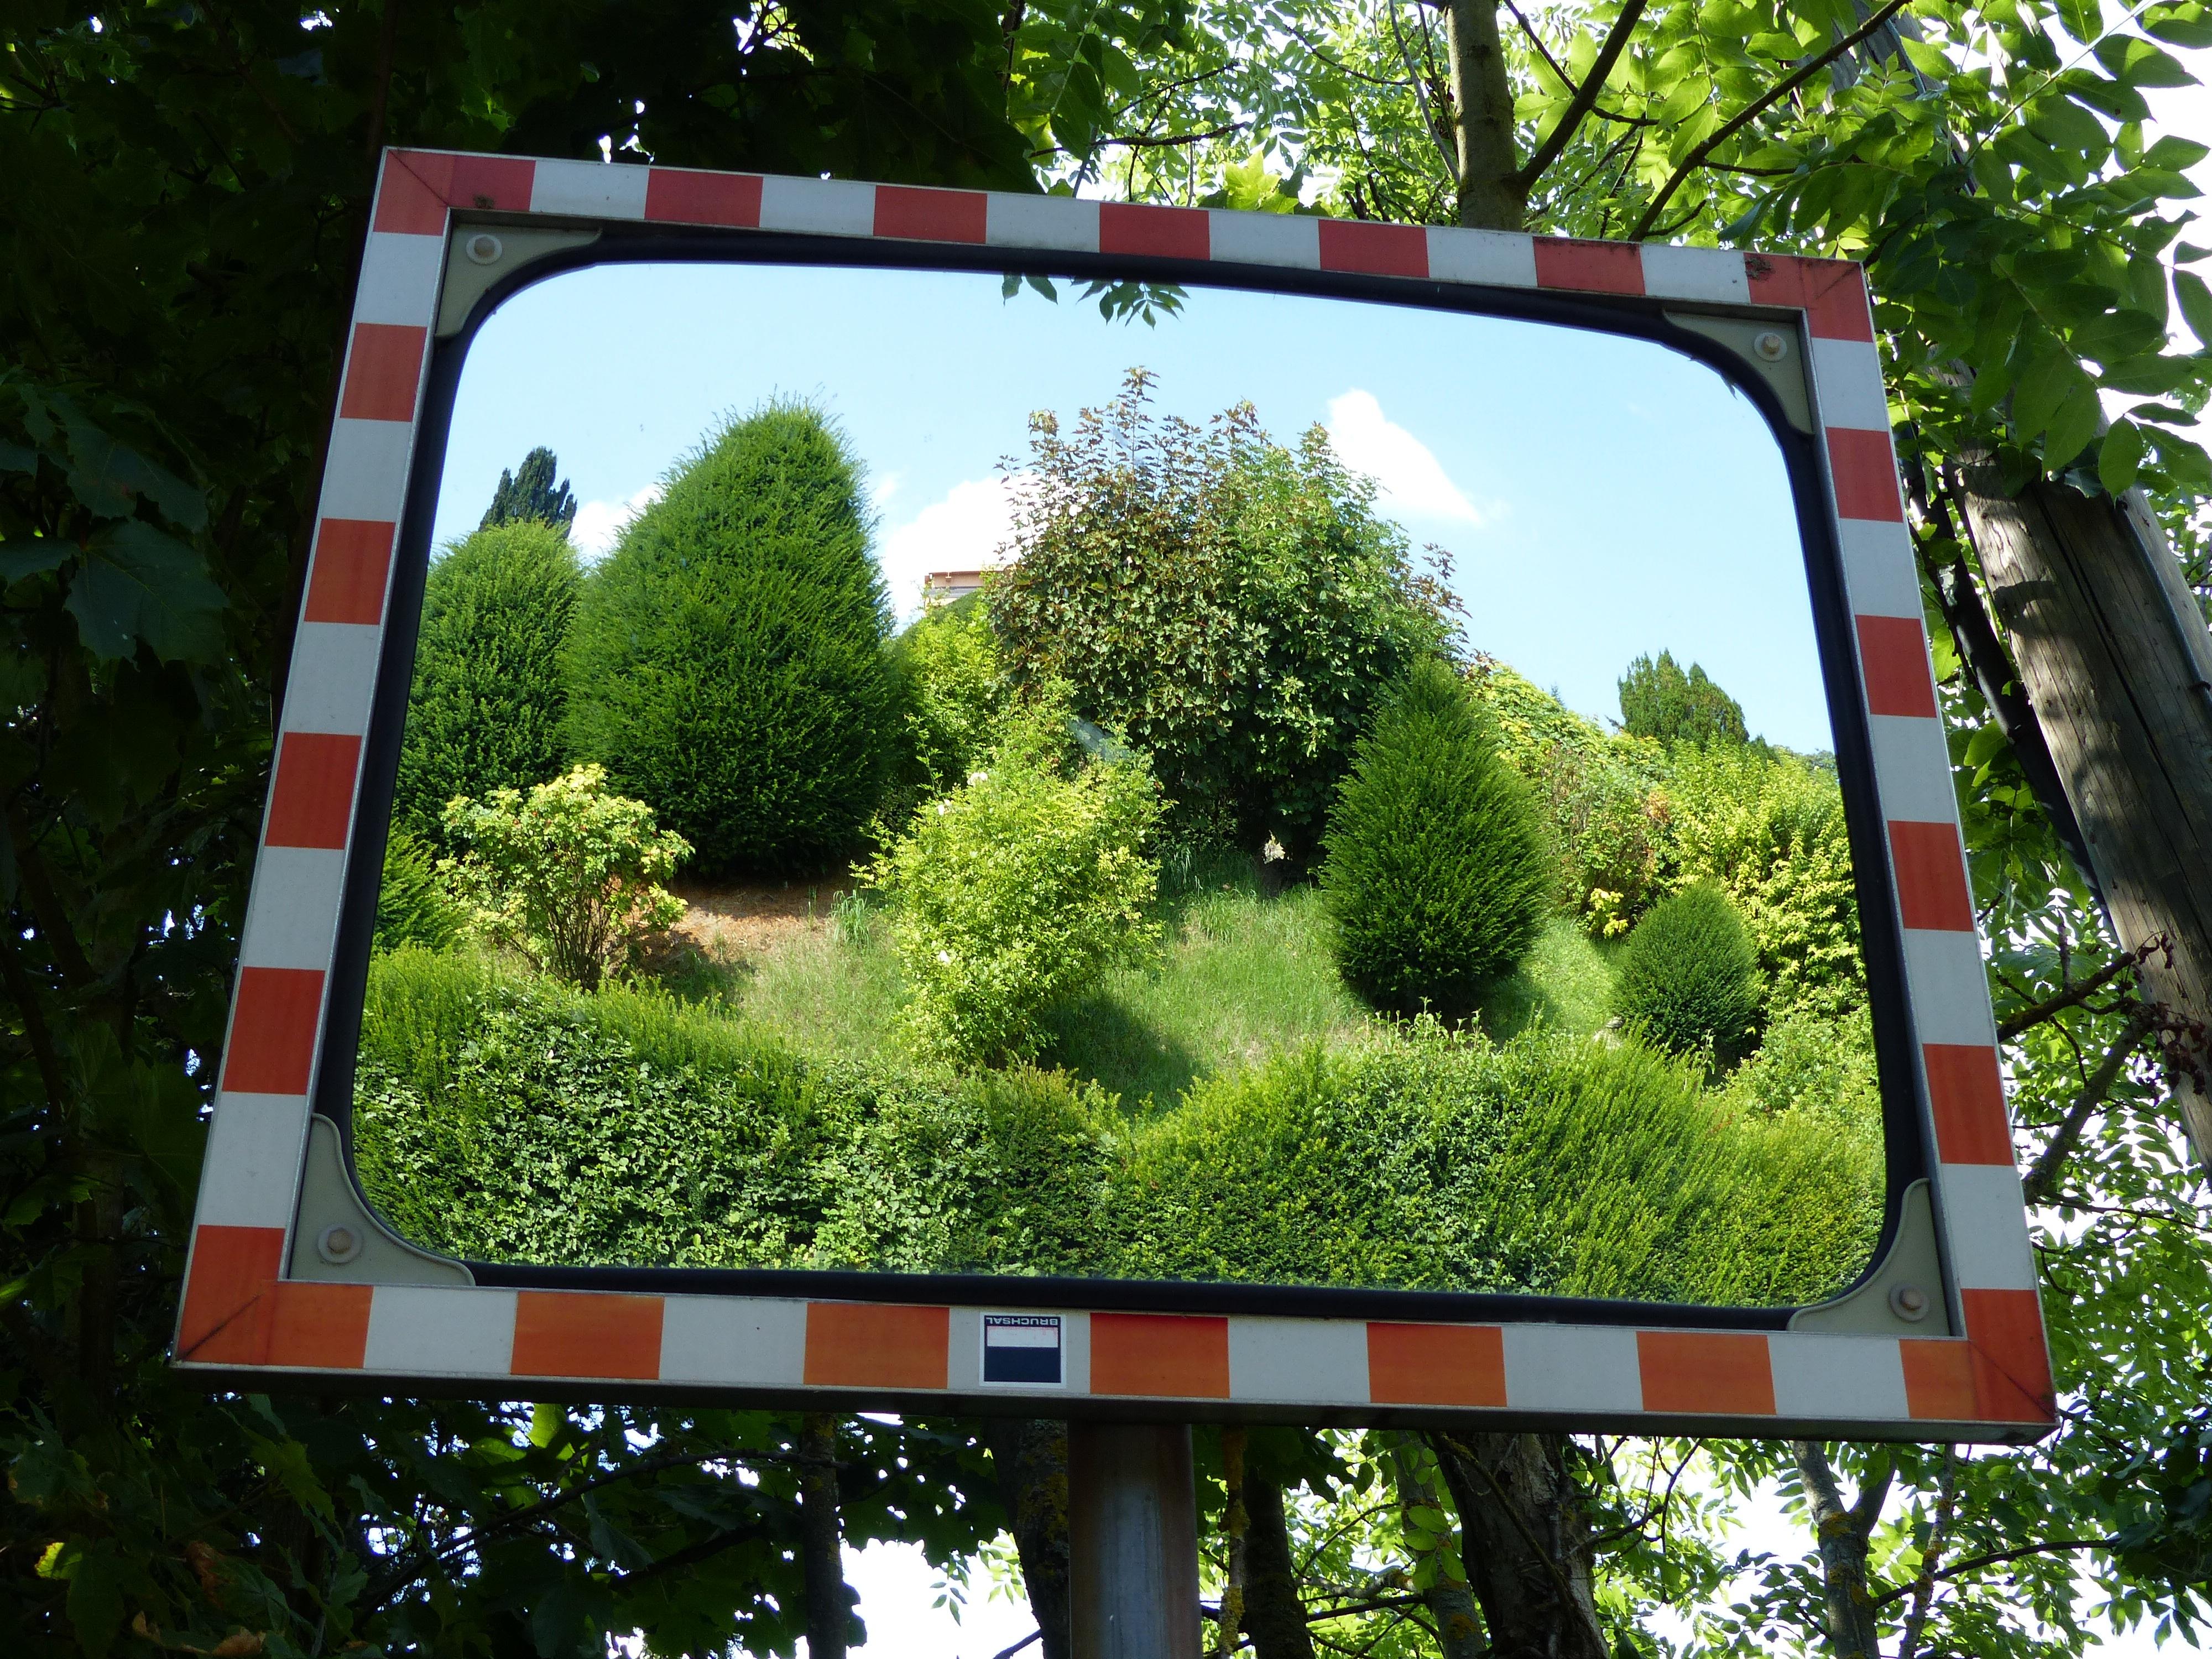 무료 이미지 : 경치, 창문, 광고하는, 녹색, 반사, 간판, 나무 ...